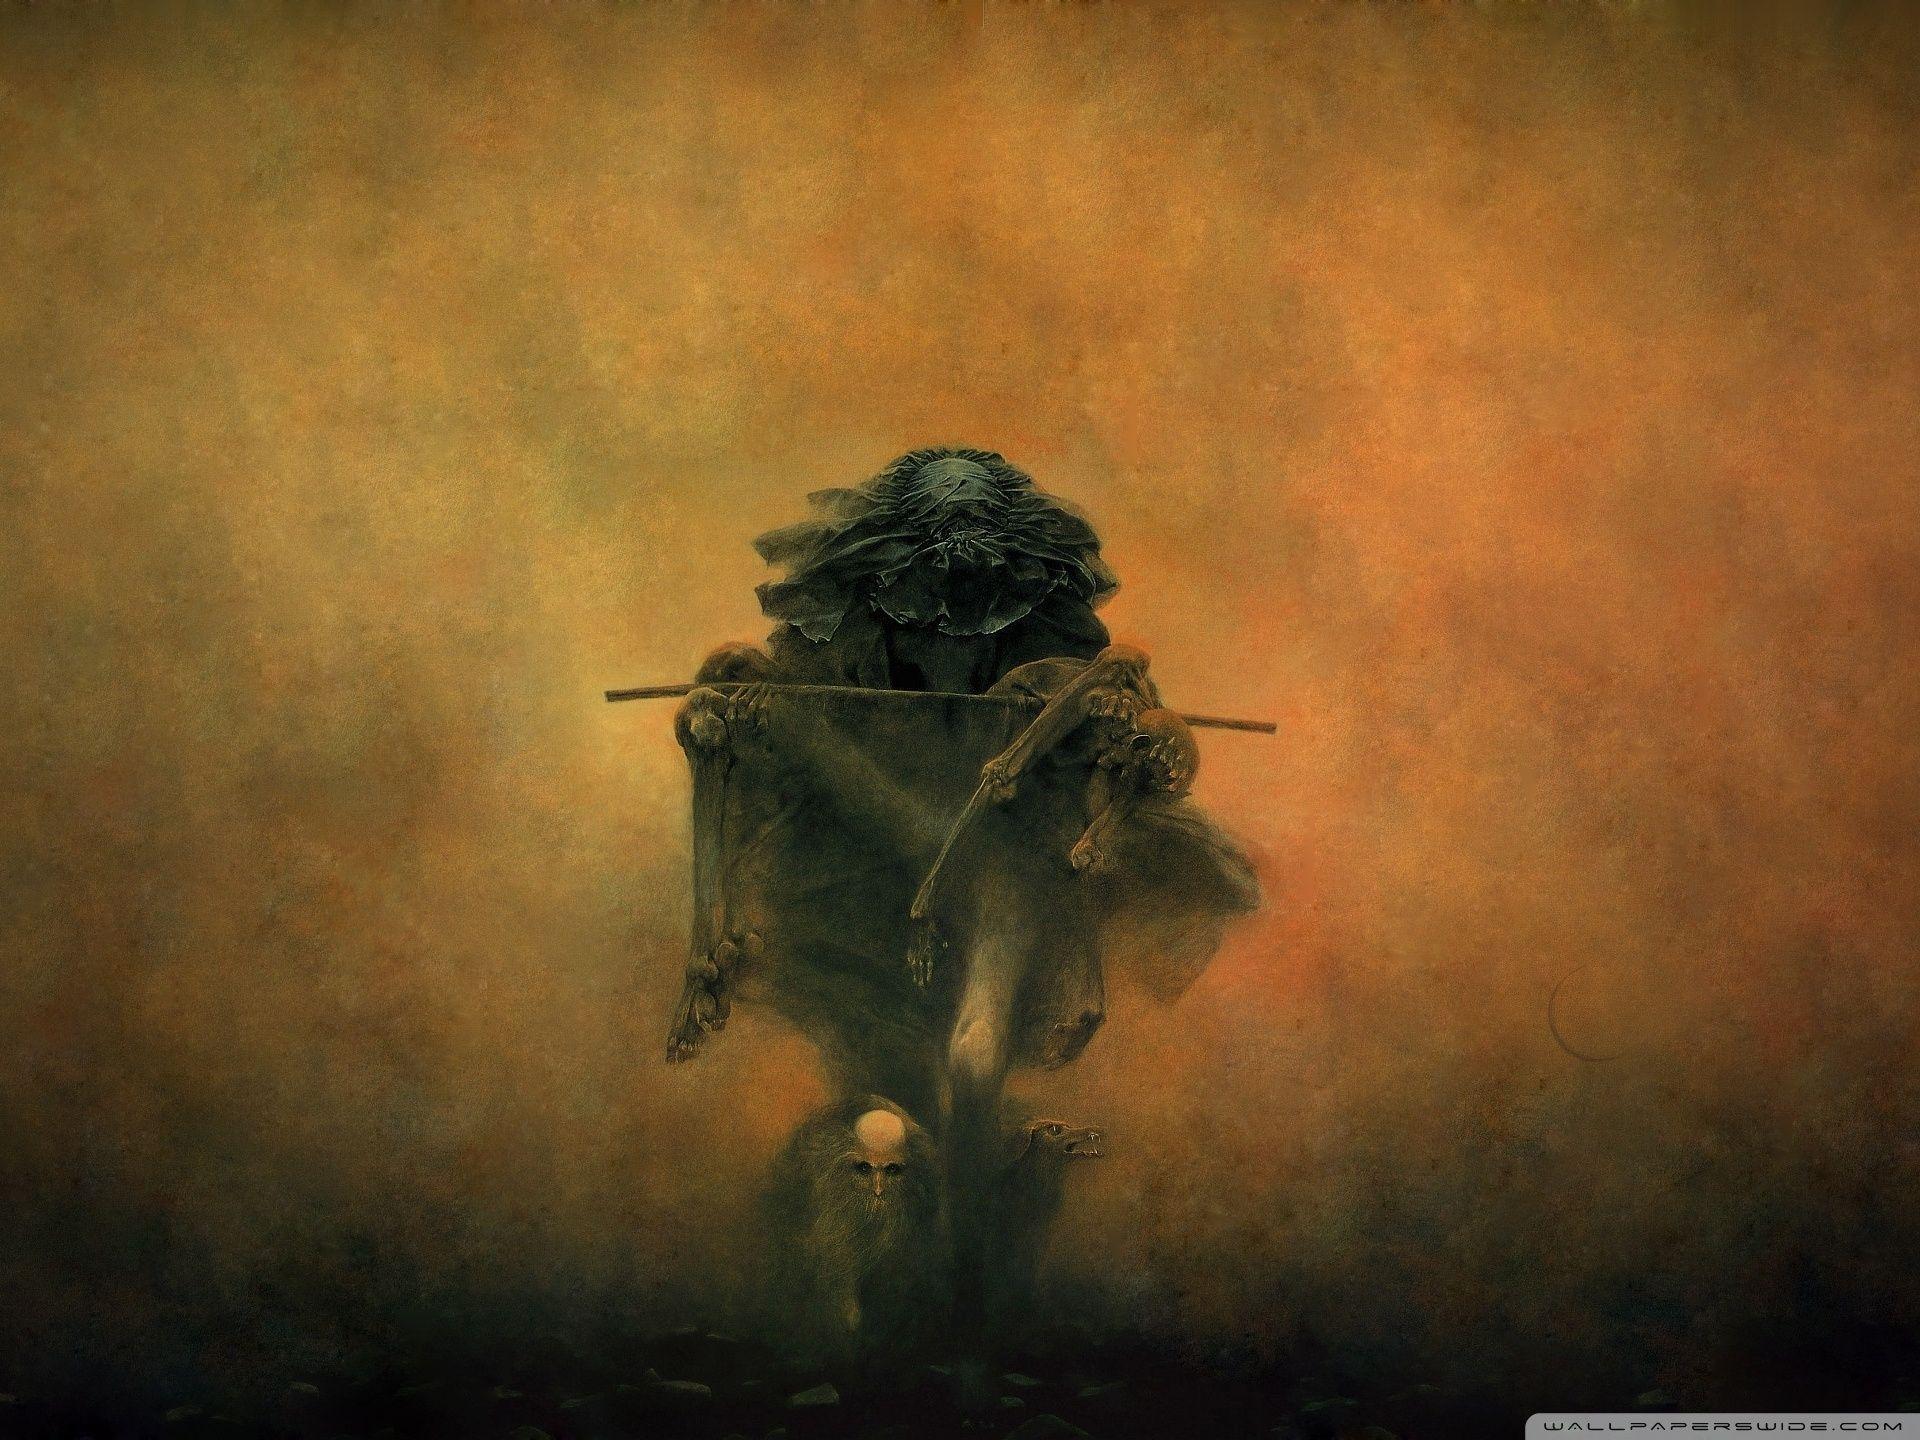 Zdzislaw Beksinski Burden Hd Desktop Wallpaper Widescreen High Painting Art Fantasy Art